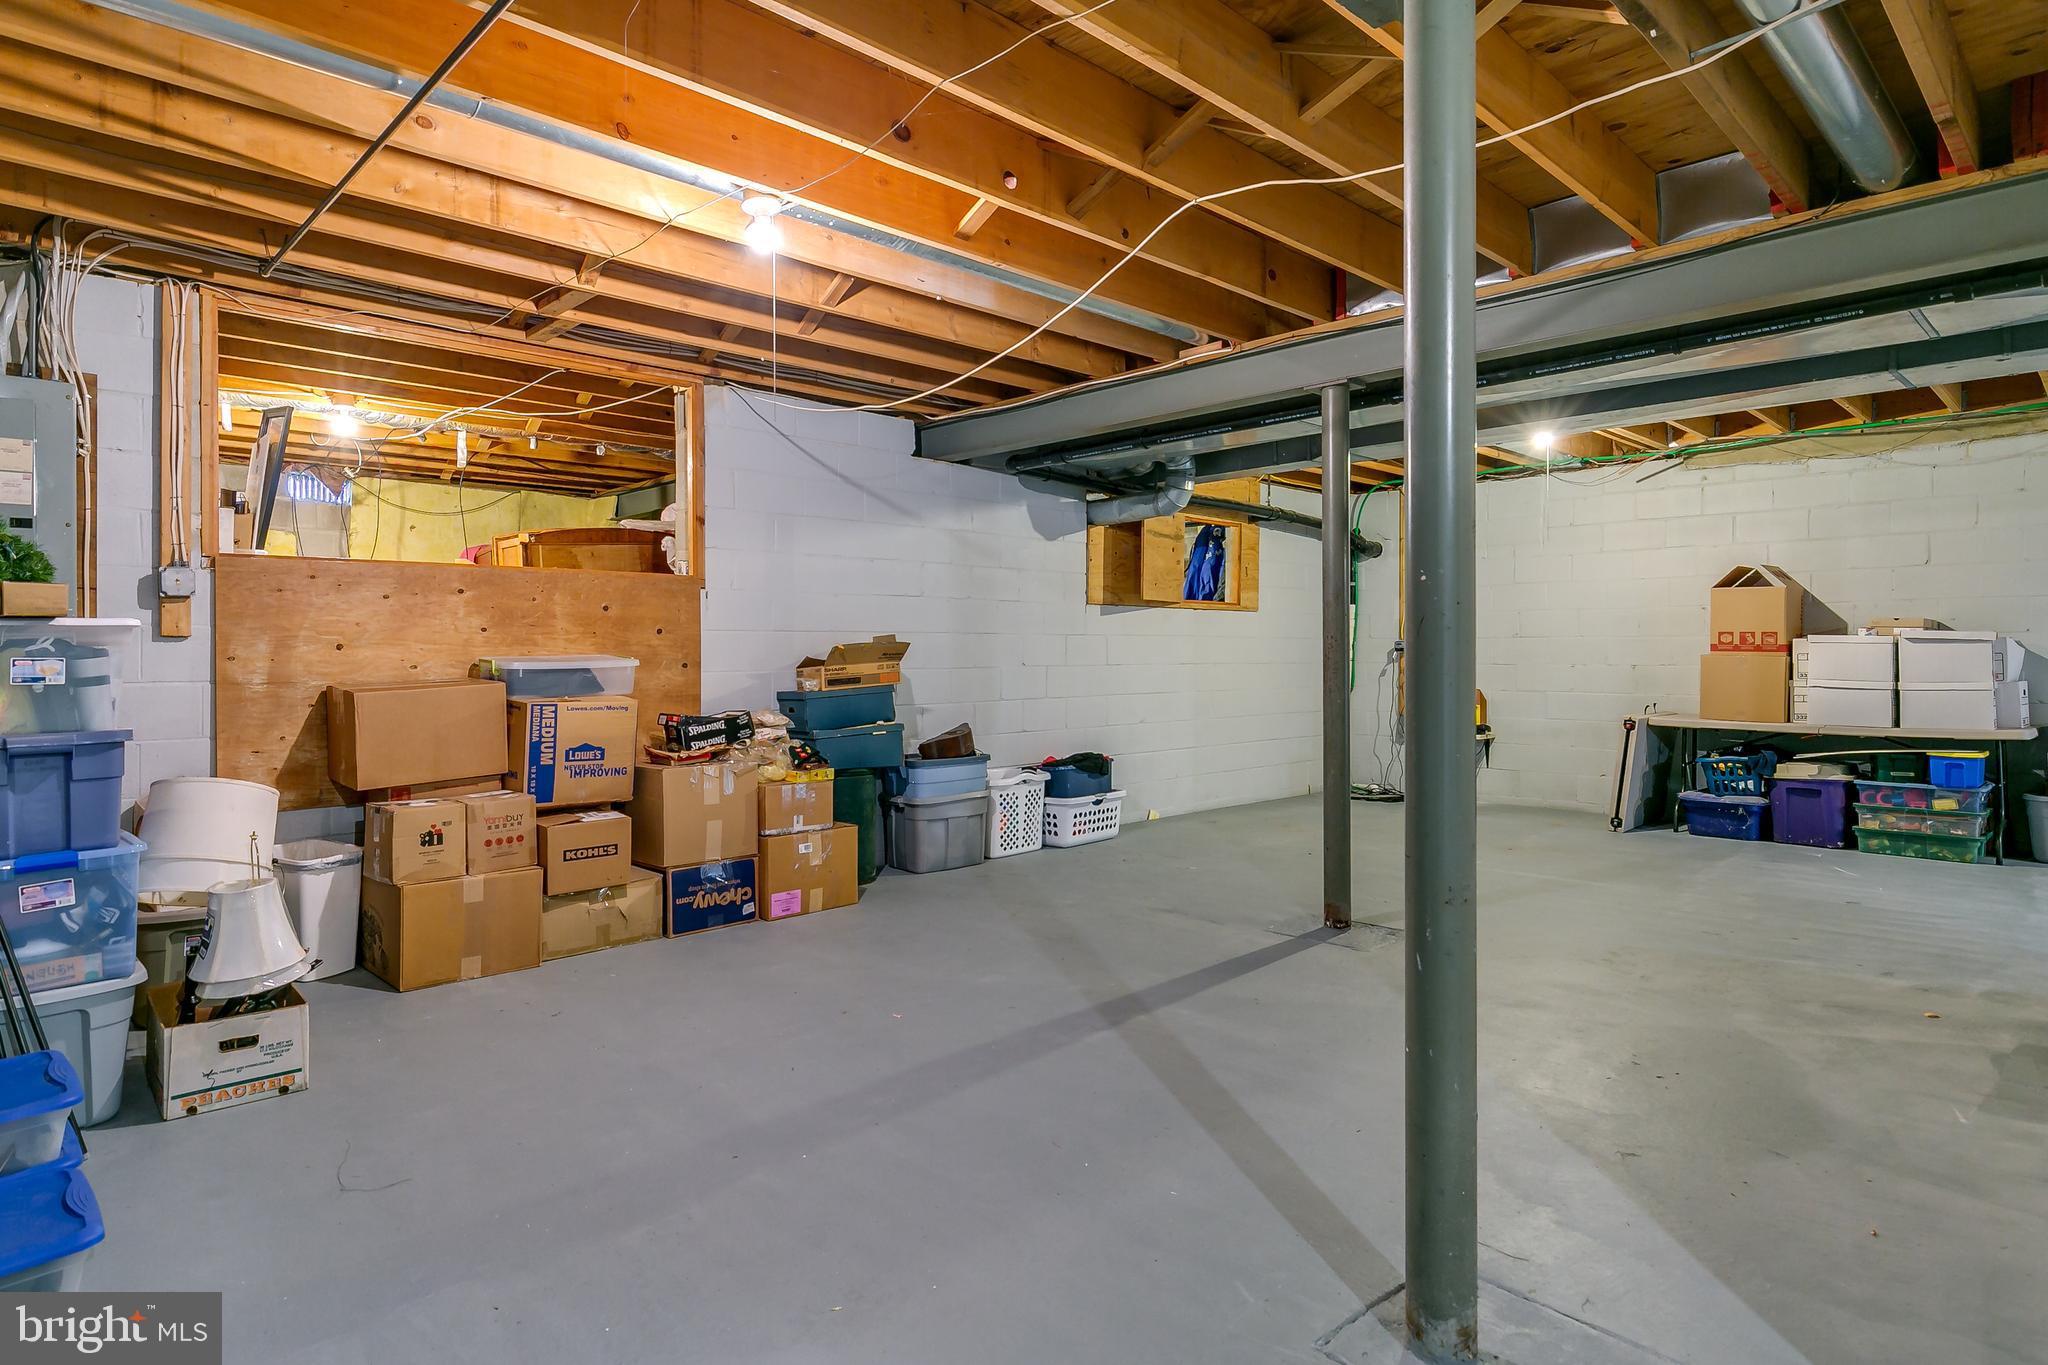 Crawlspace is storage